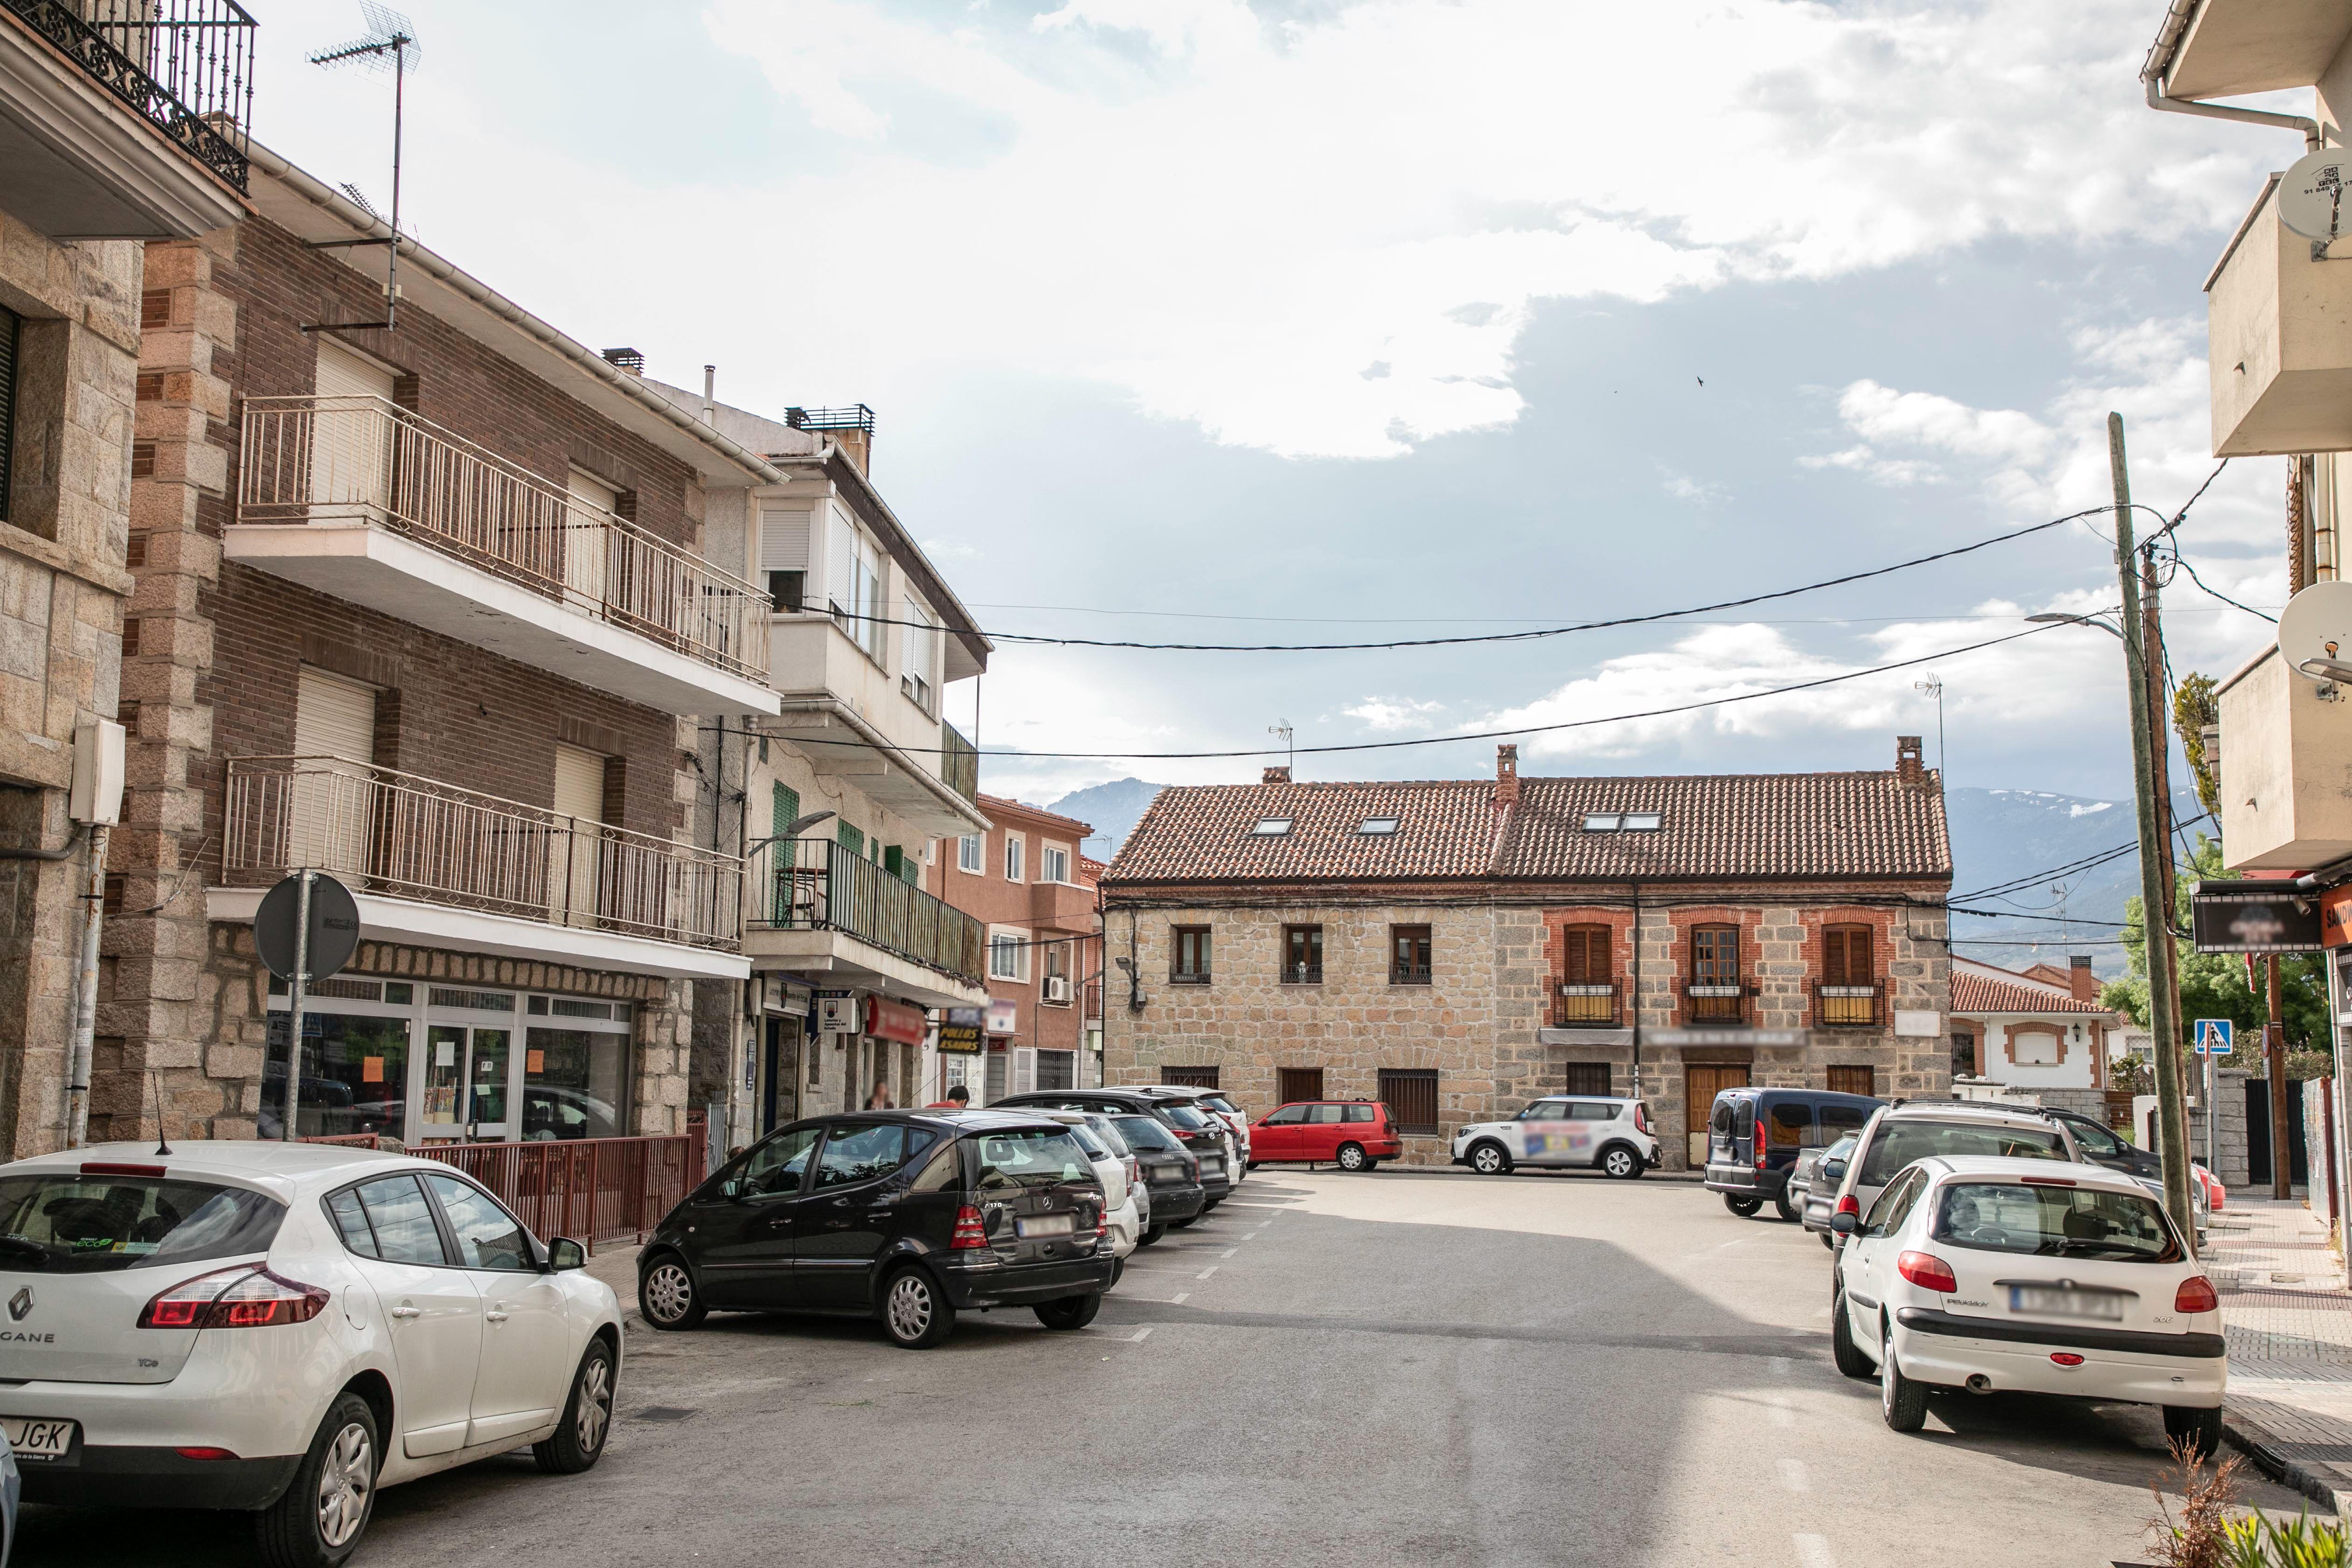 Scilingo lanzó al río con vida al menos a 30 personas y hoy pasea por España